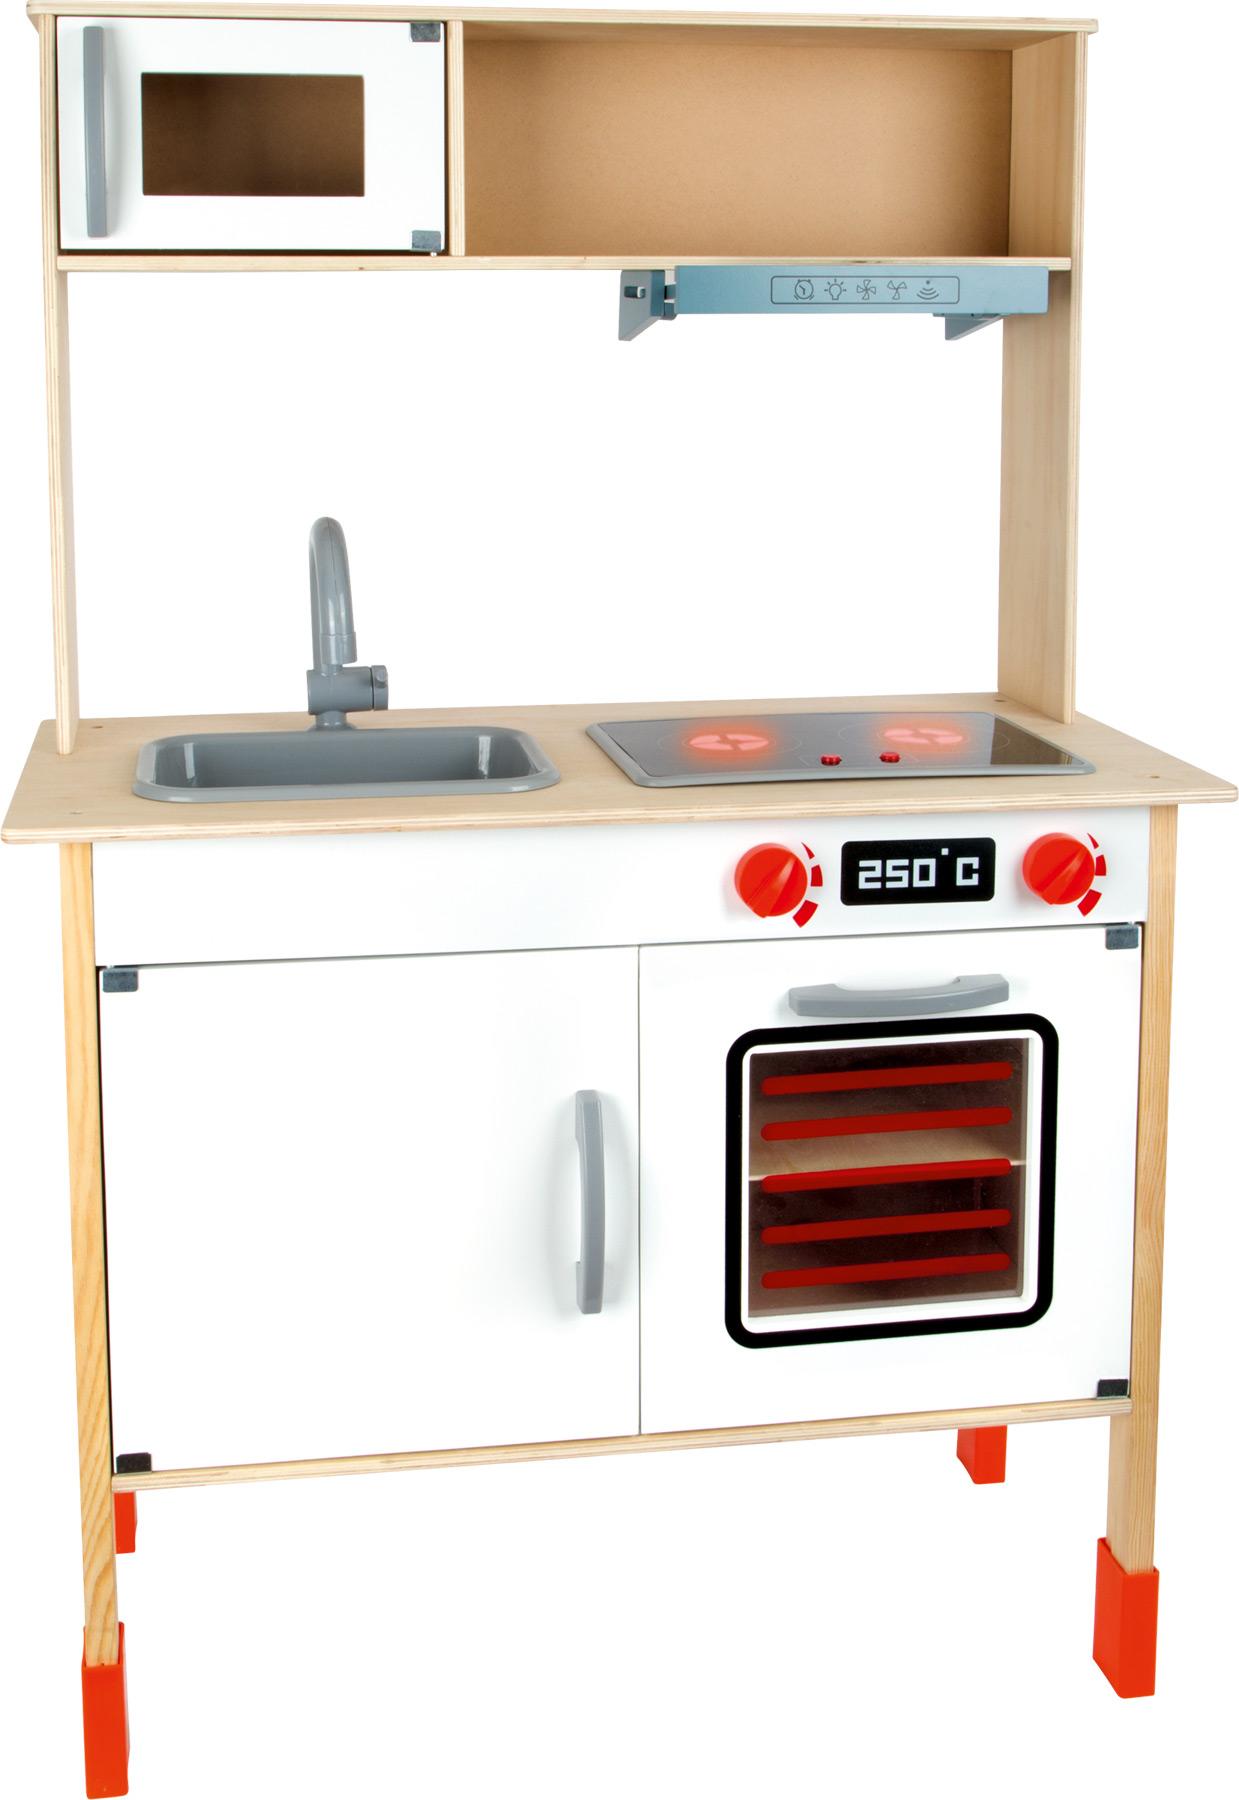 cucina per bambini moderna